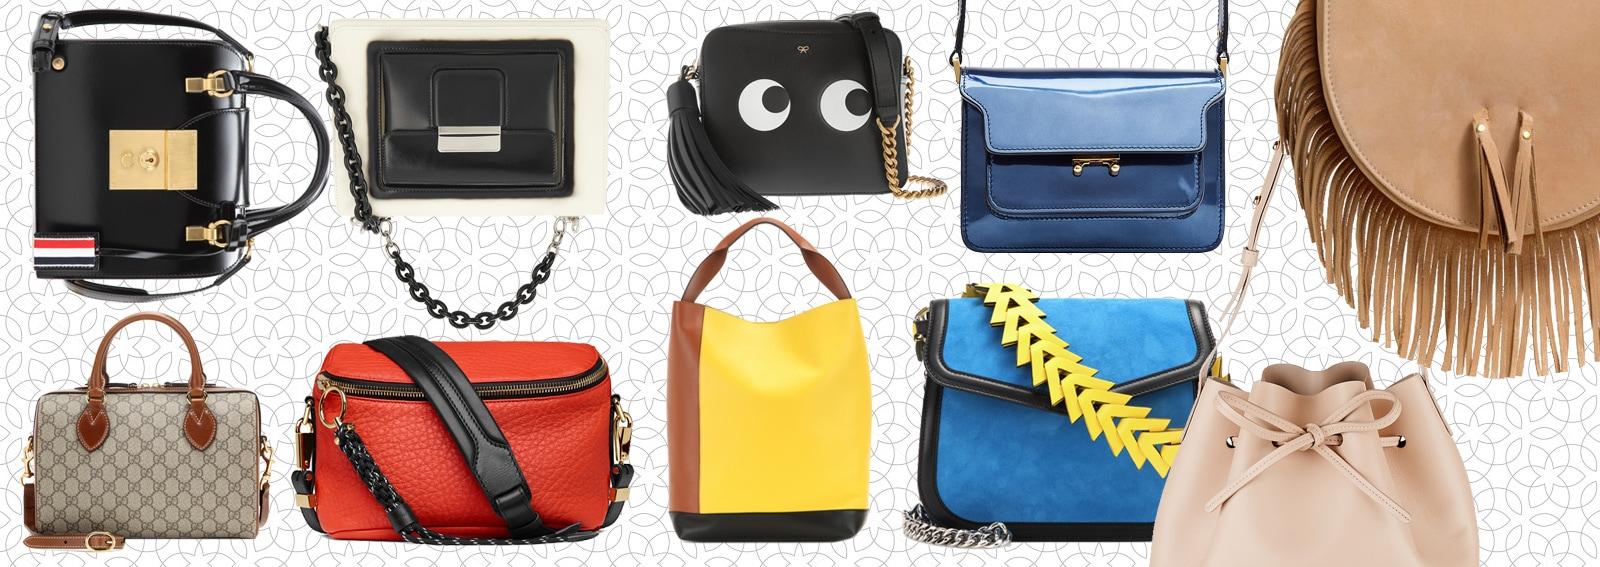 cover borse da acquistare 2016 desktop